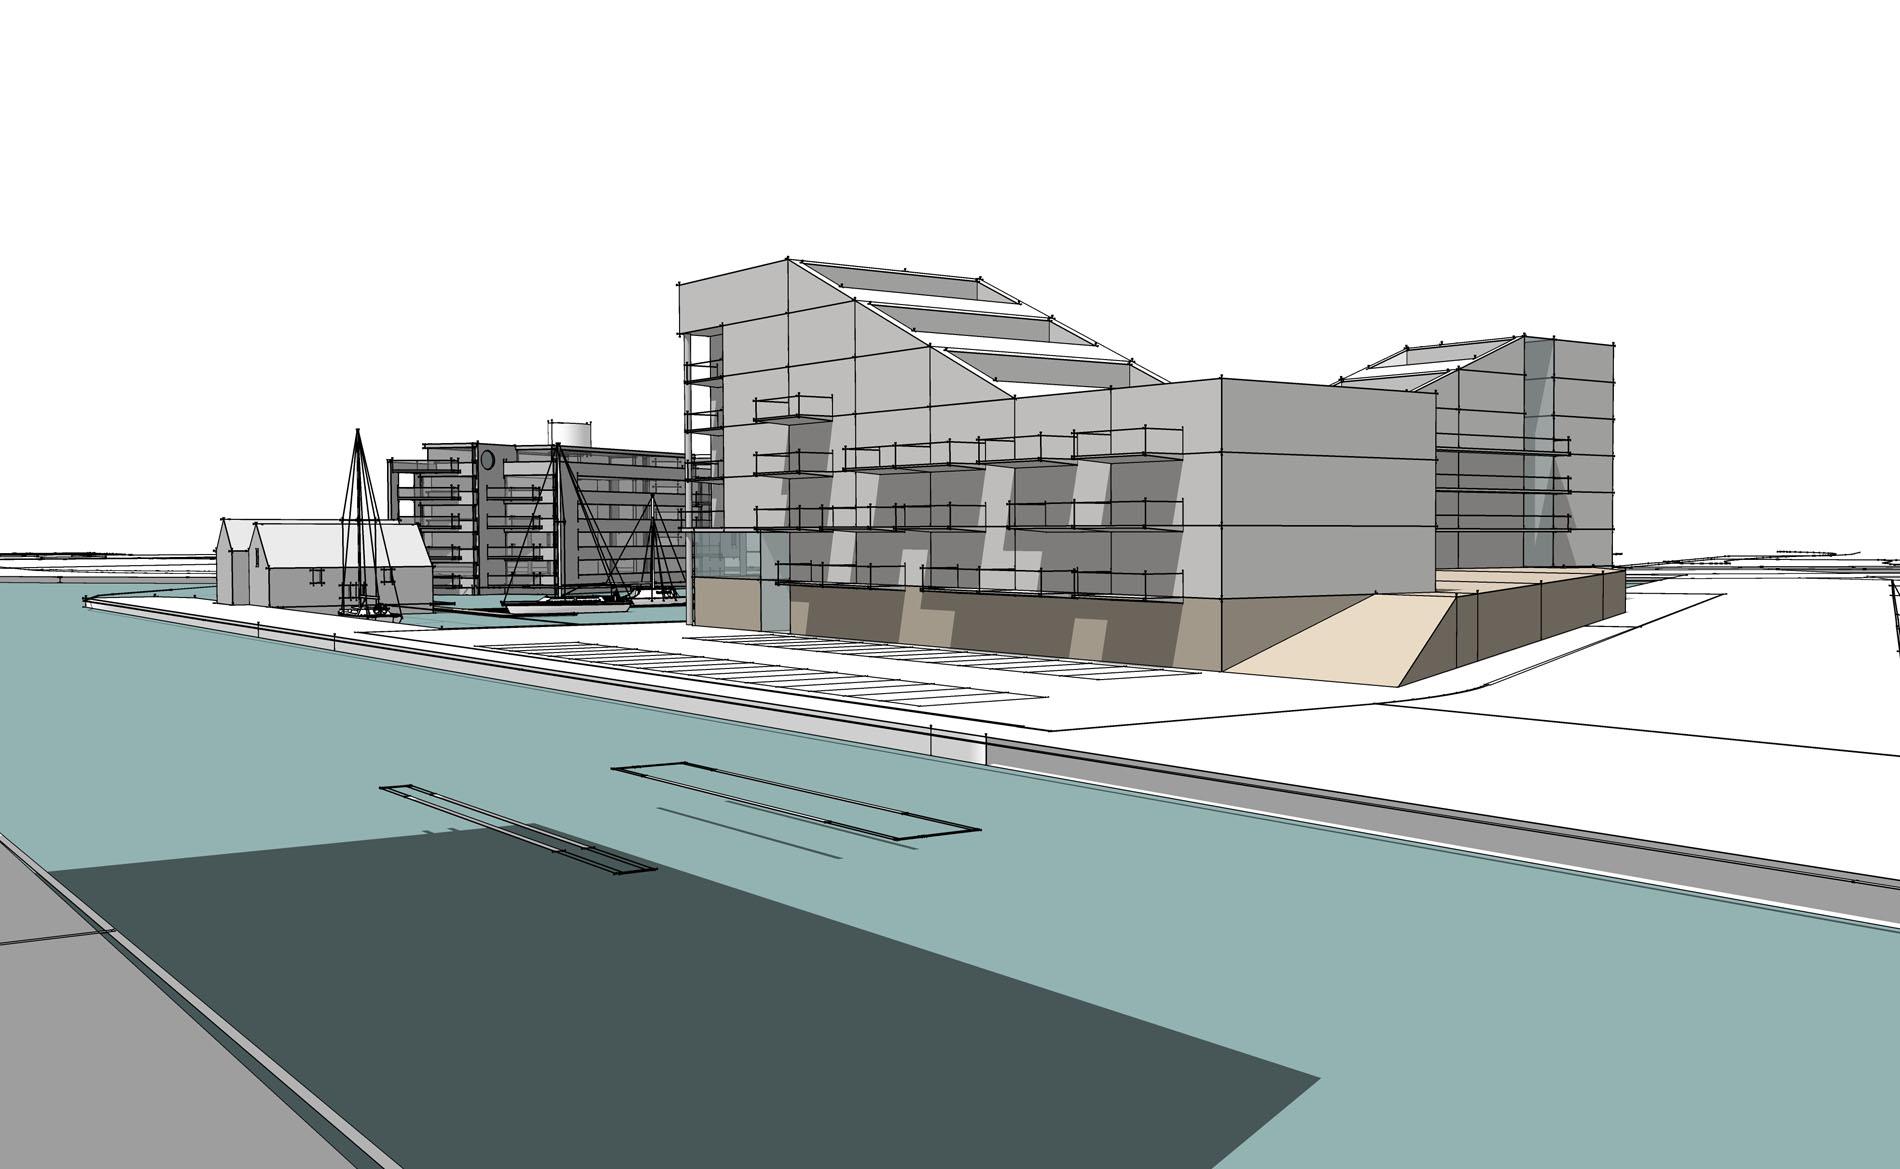 haalbaarheidsstudie stedenbouwkundig plan woningbouw Haven Almelo BBHD architecten